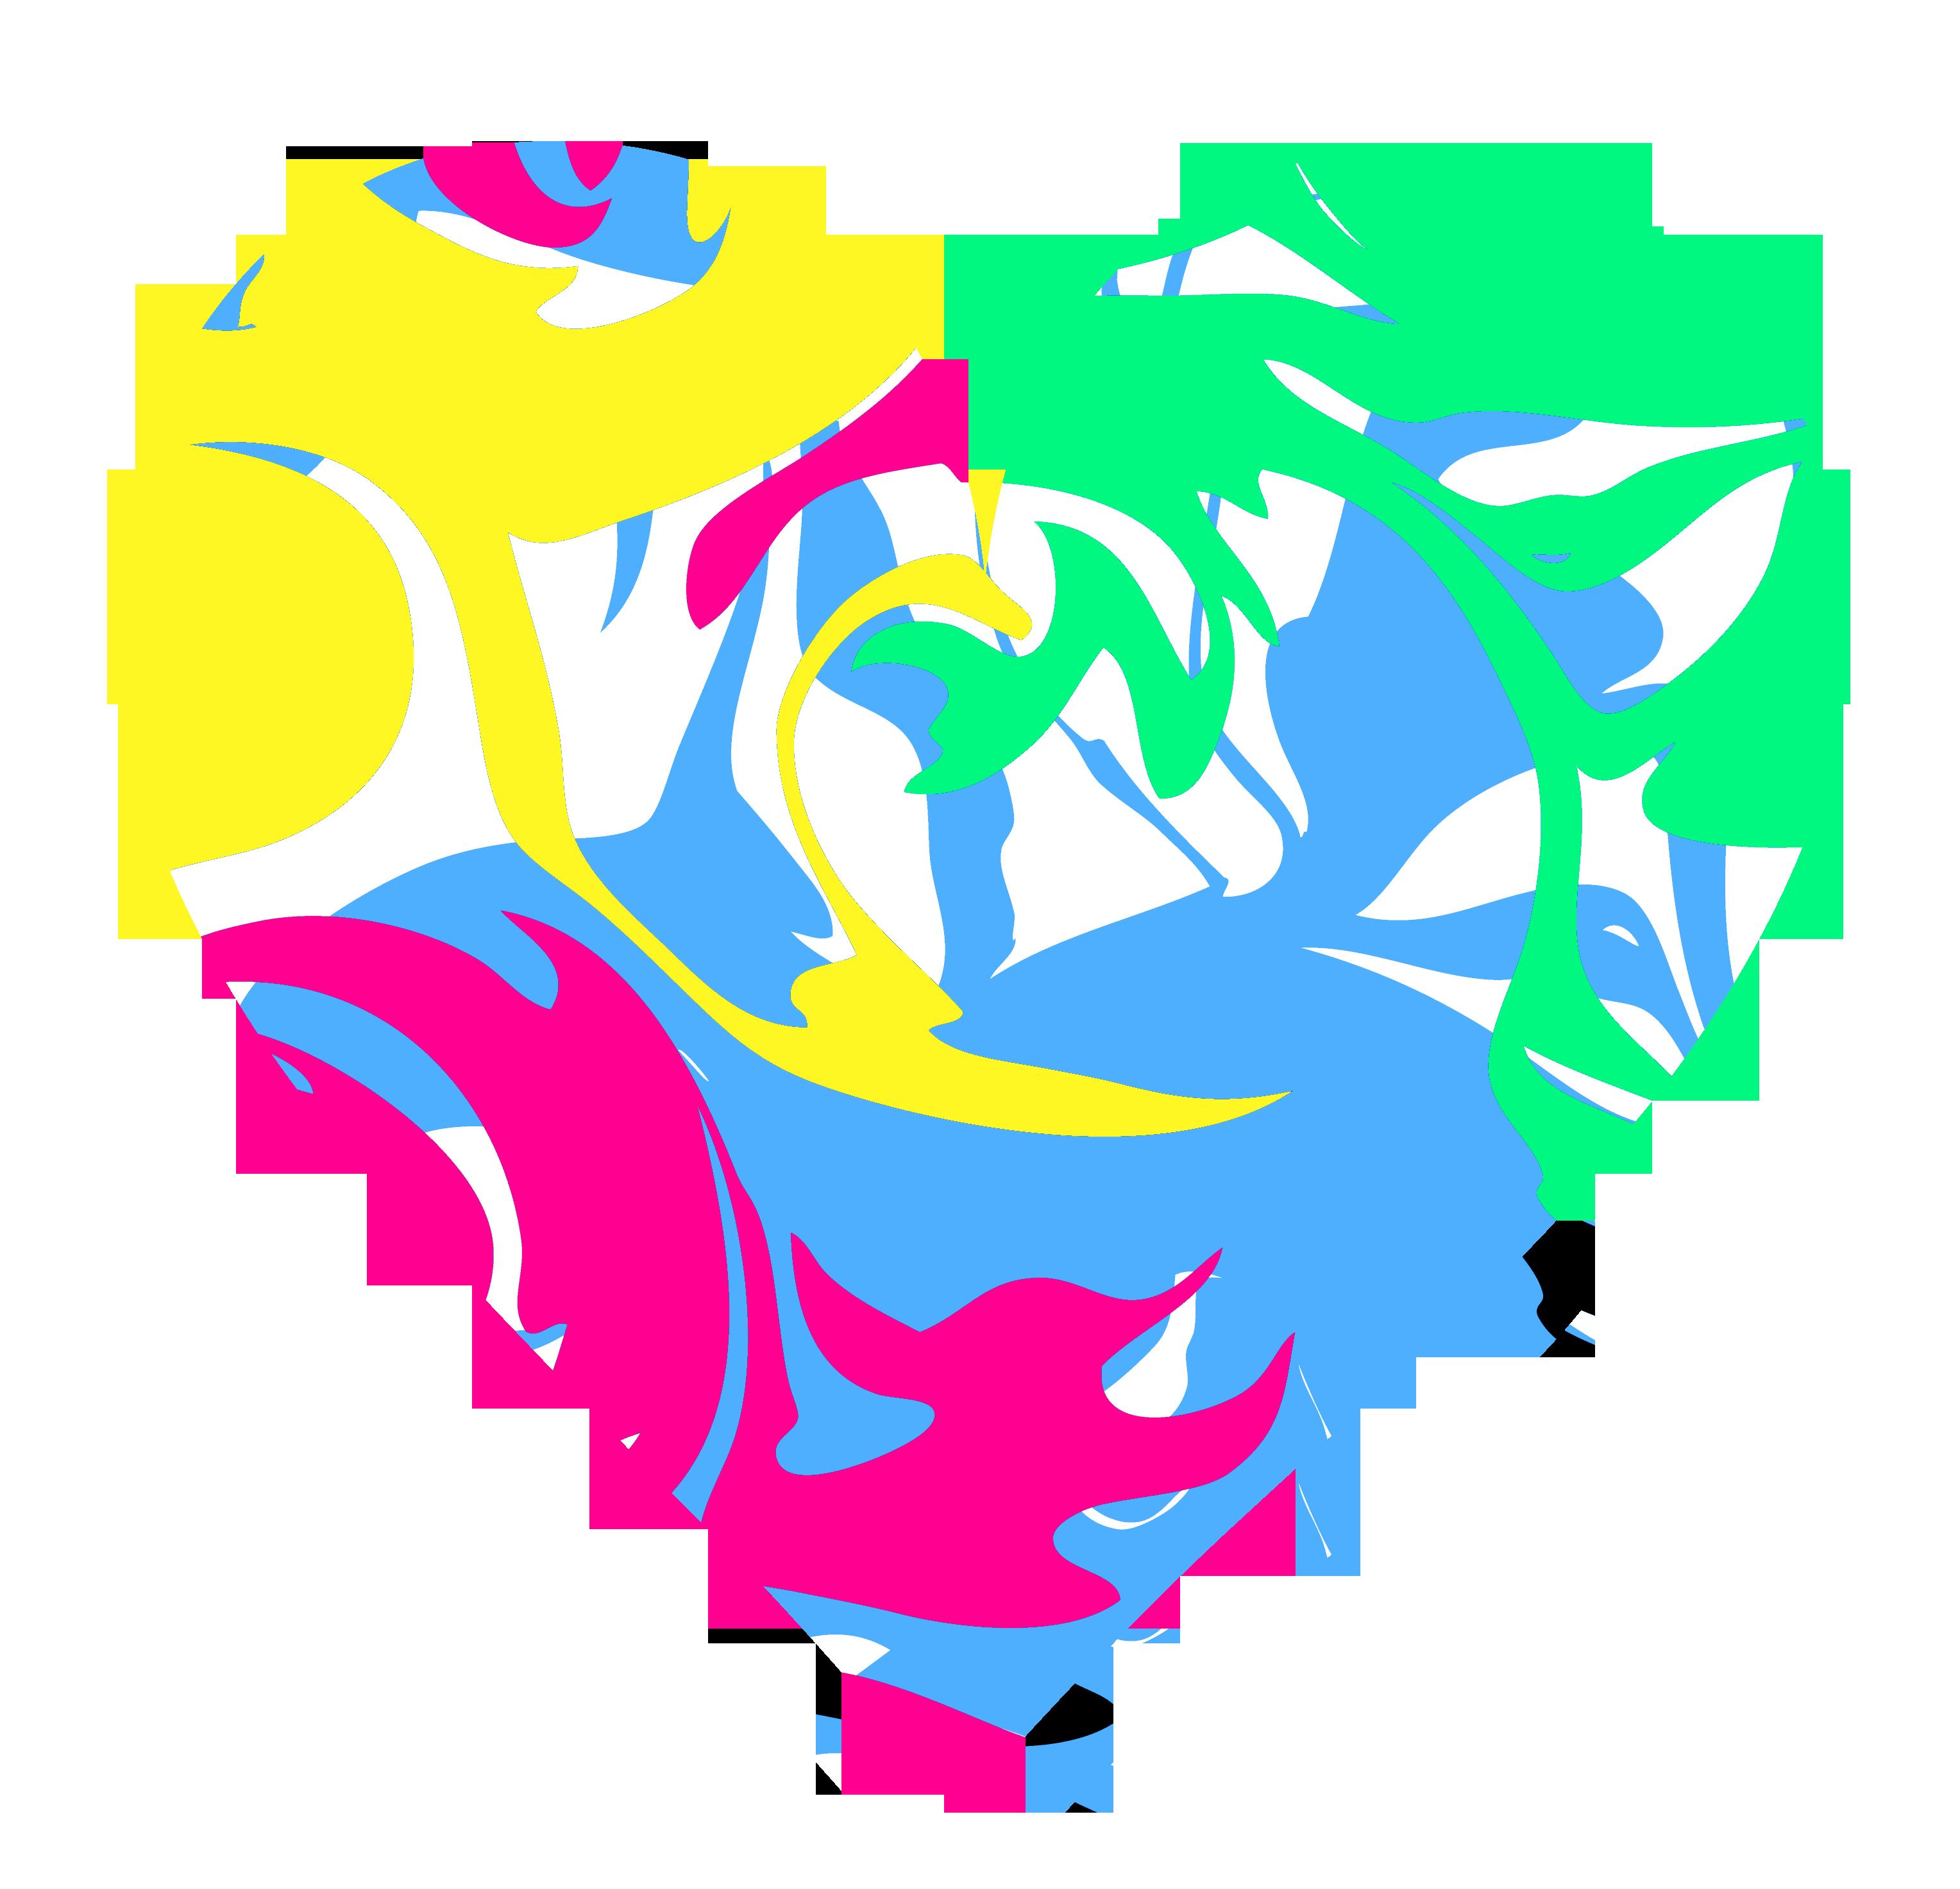 Colorful clipart Panda Colorful Clipart colorful%20stars%20and%20swirls Clipart